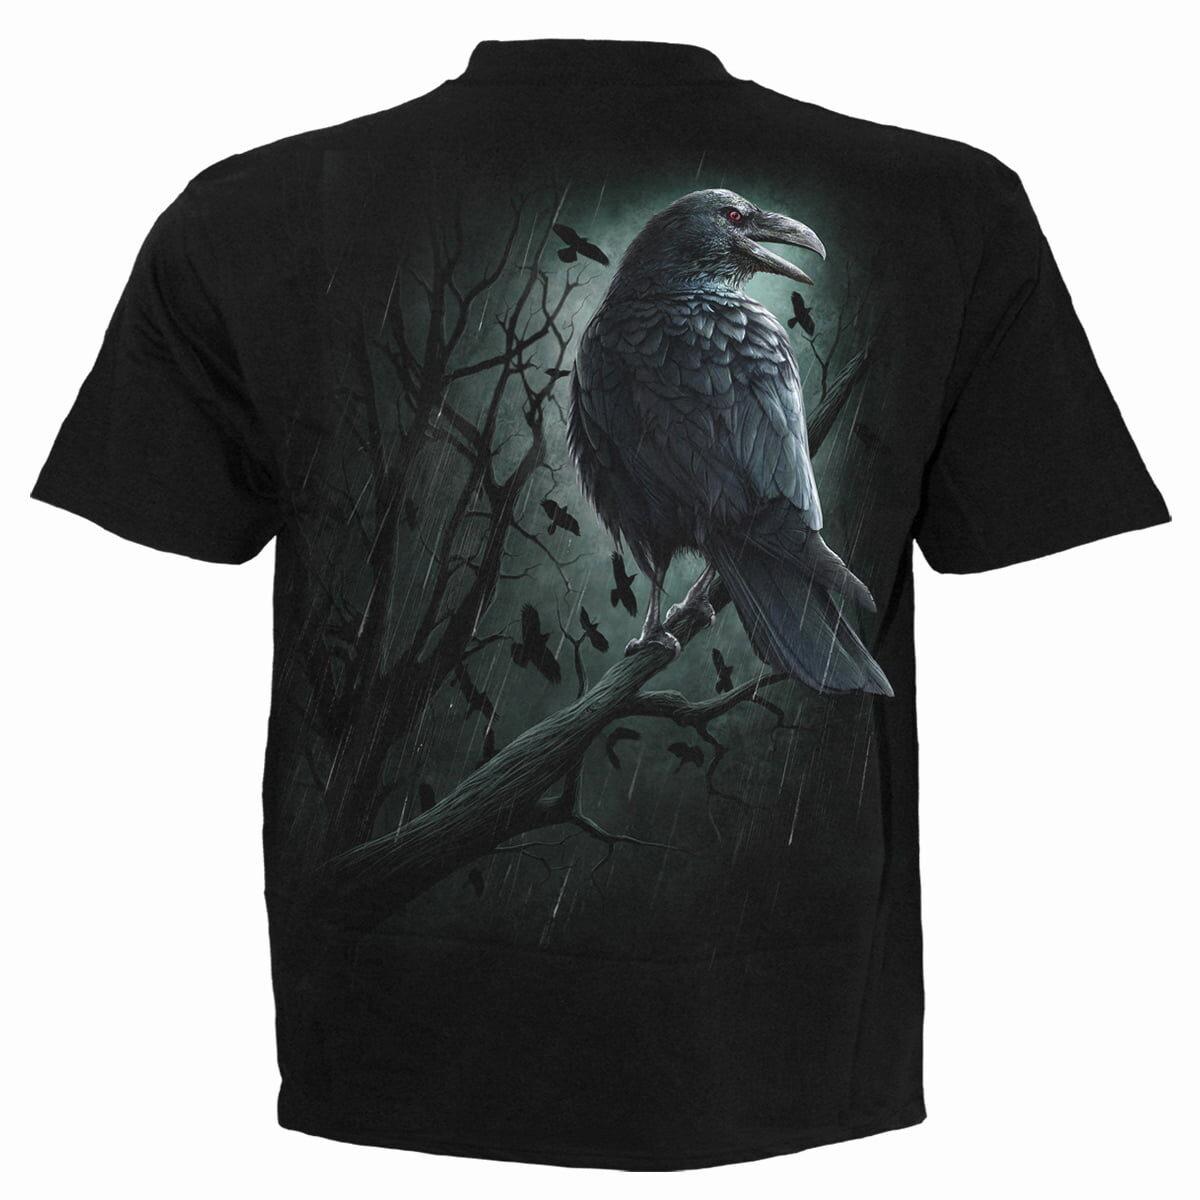 shadow raven svart t-skjorte til herre M027M101